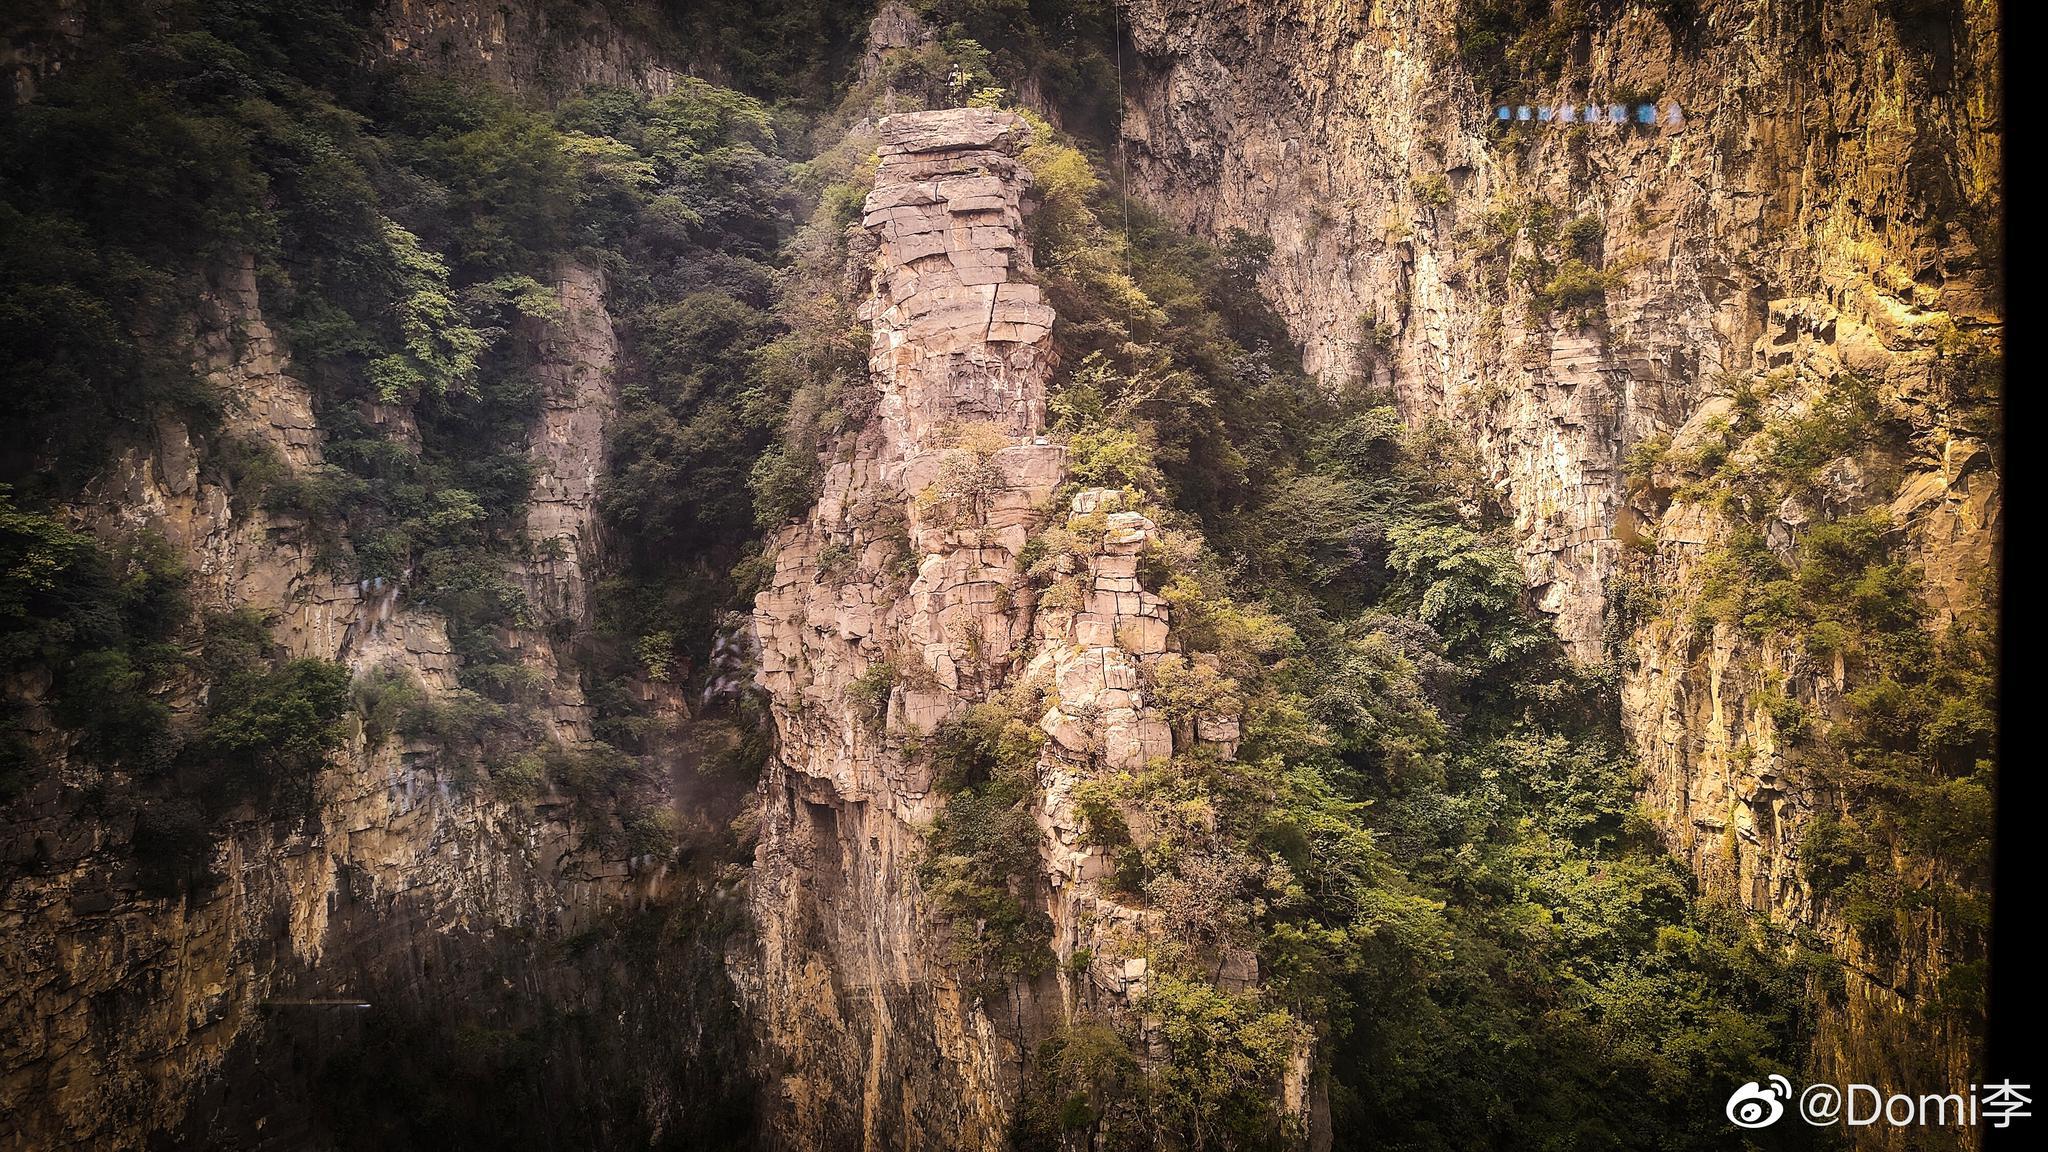 神农山是国家5A级景区,位于河南省焦作沁阳市紫陵镇赵寨村